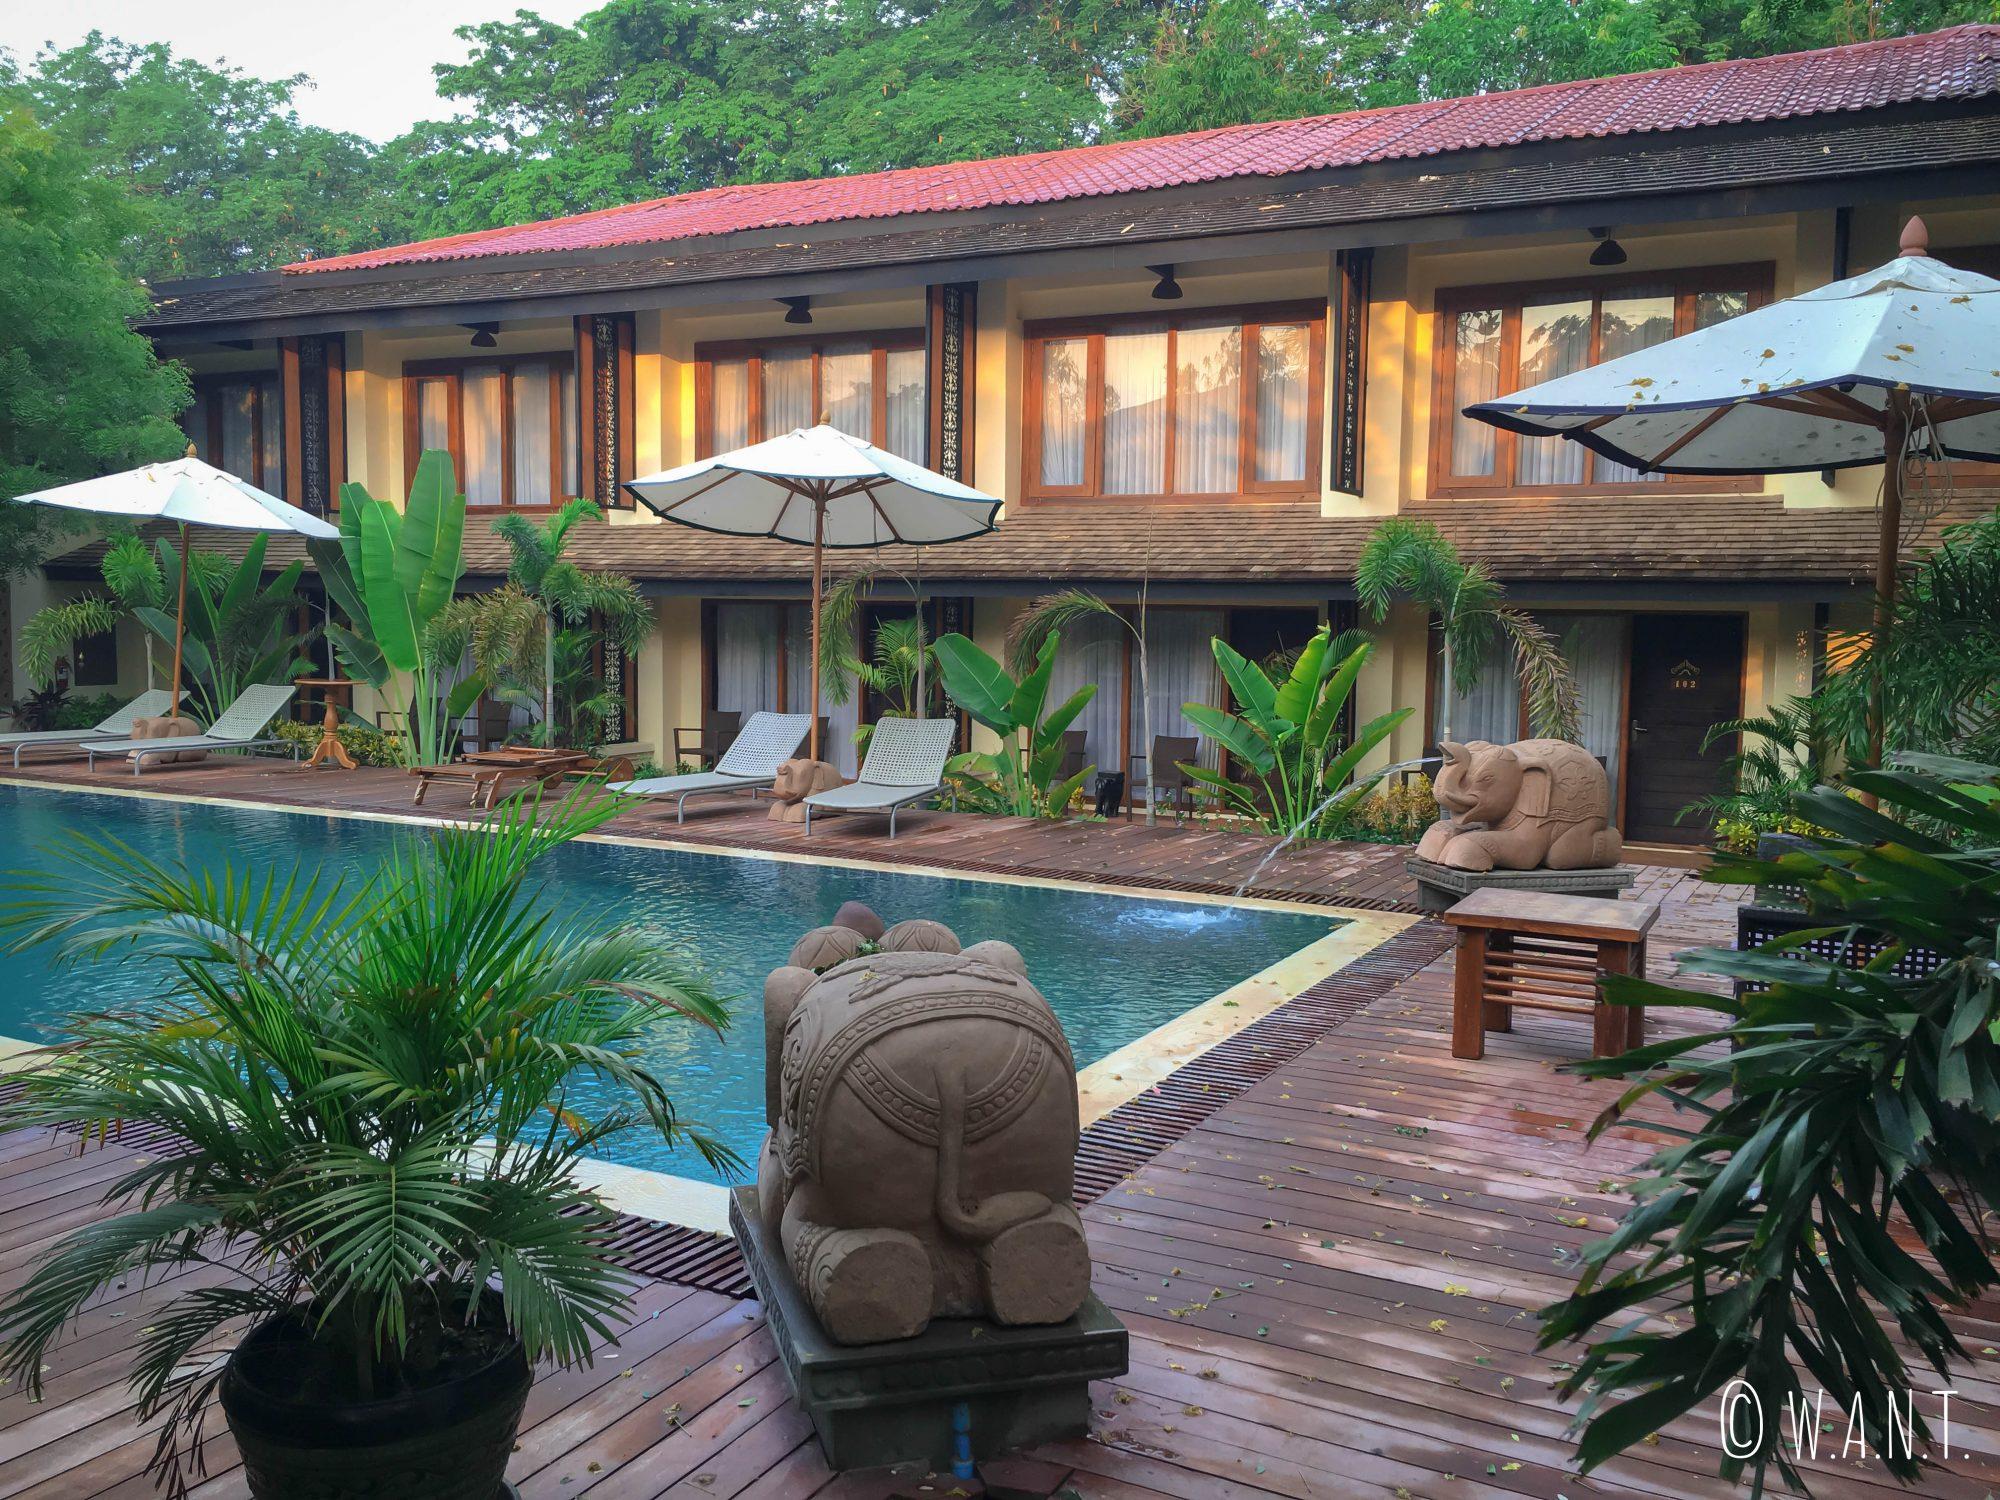 Vue extérieure de notre hôtel My Bagan Residence by Amata